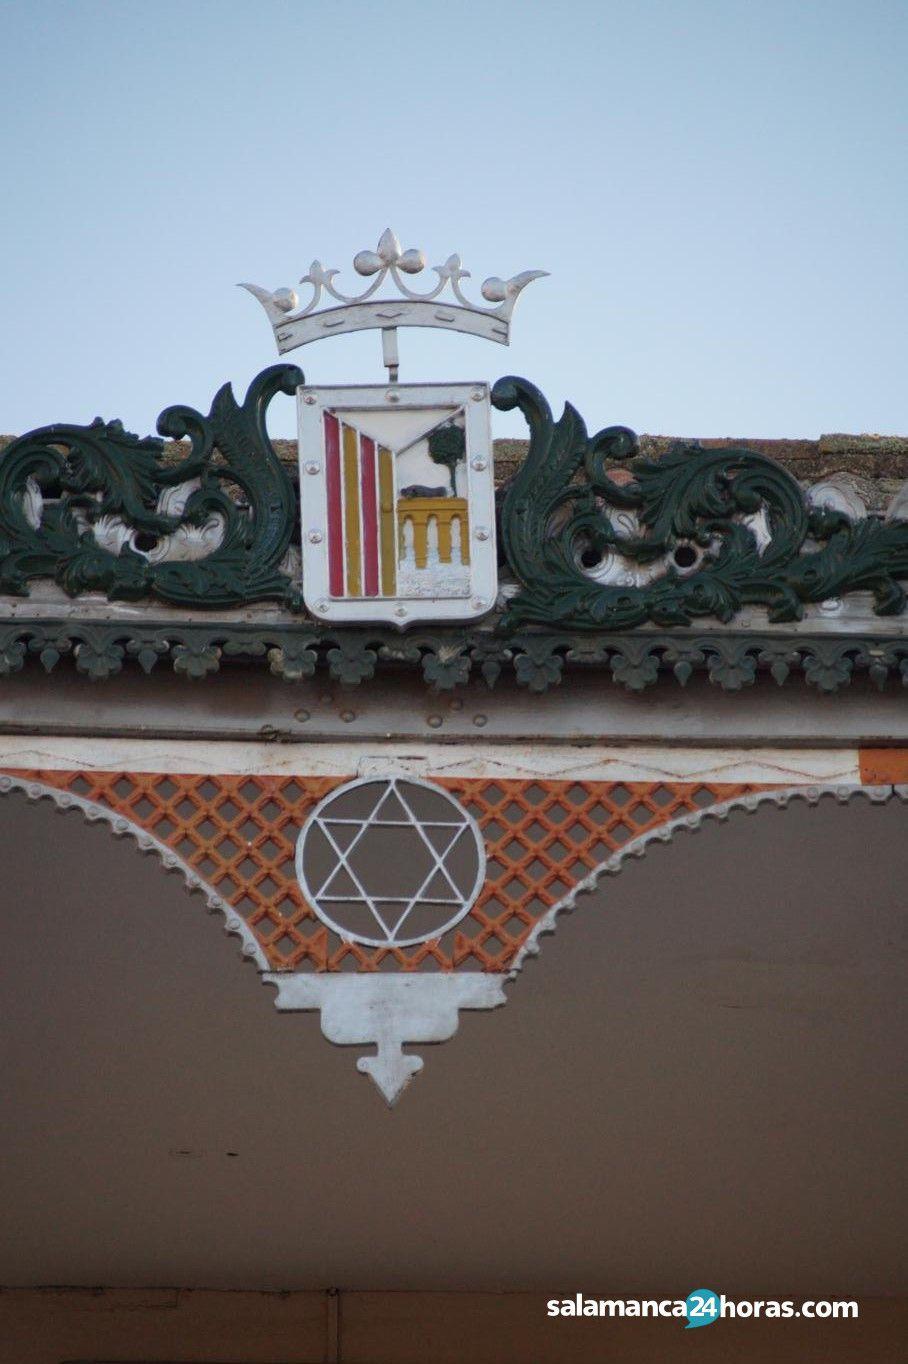 La Glorieta Plazas y Patios (67)